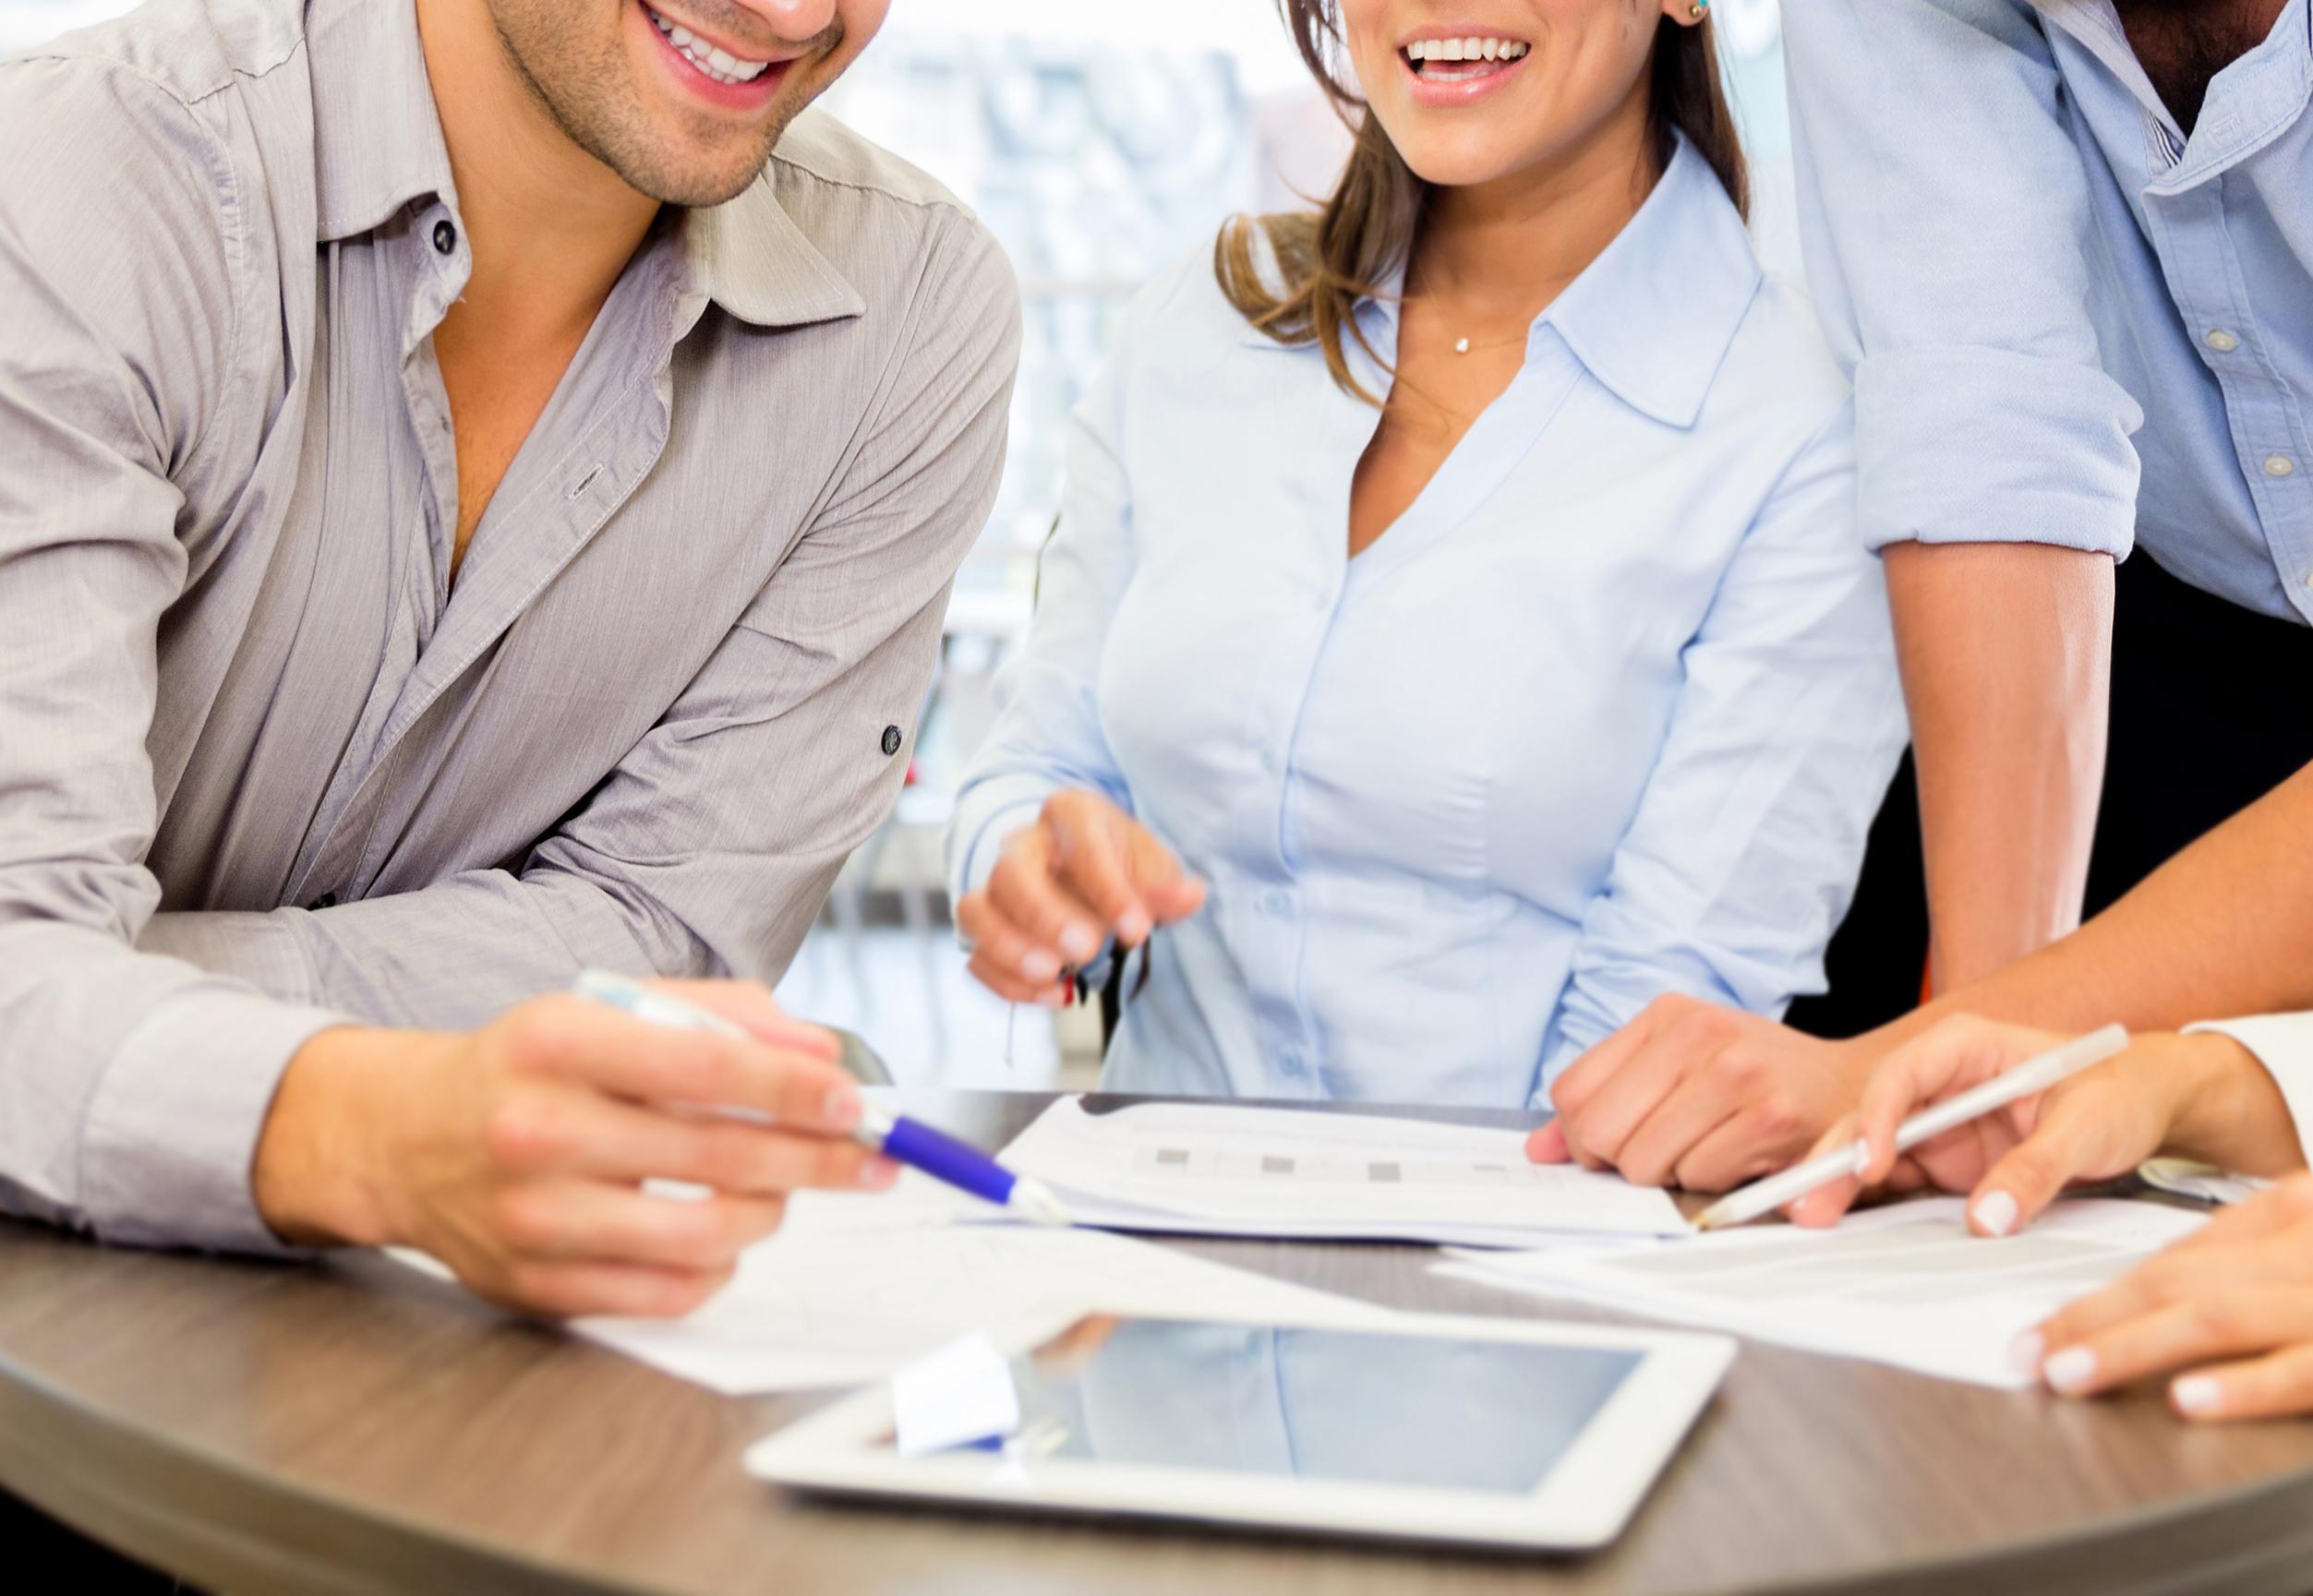 אנשי עסקים עובדים כצוות במשרד